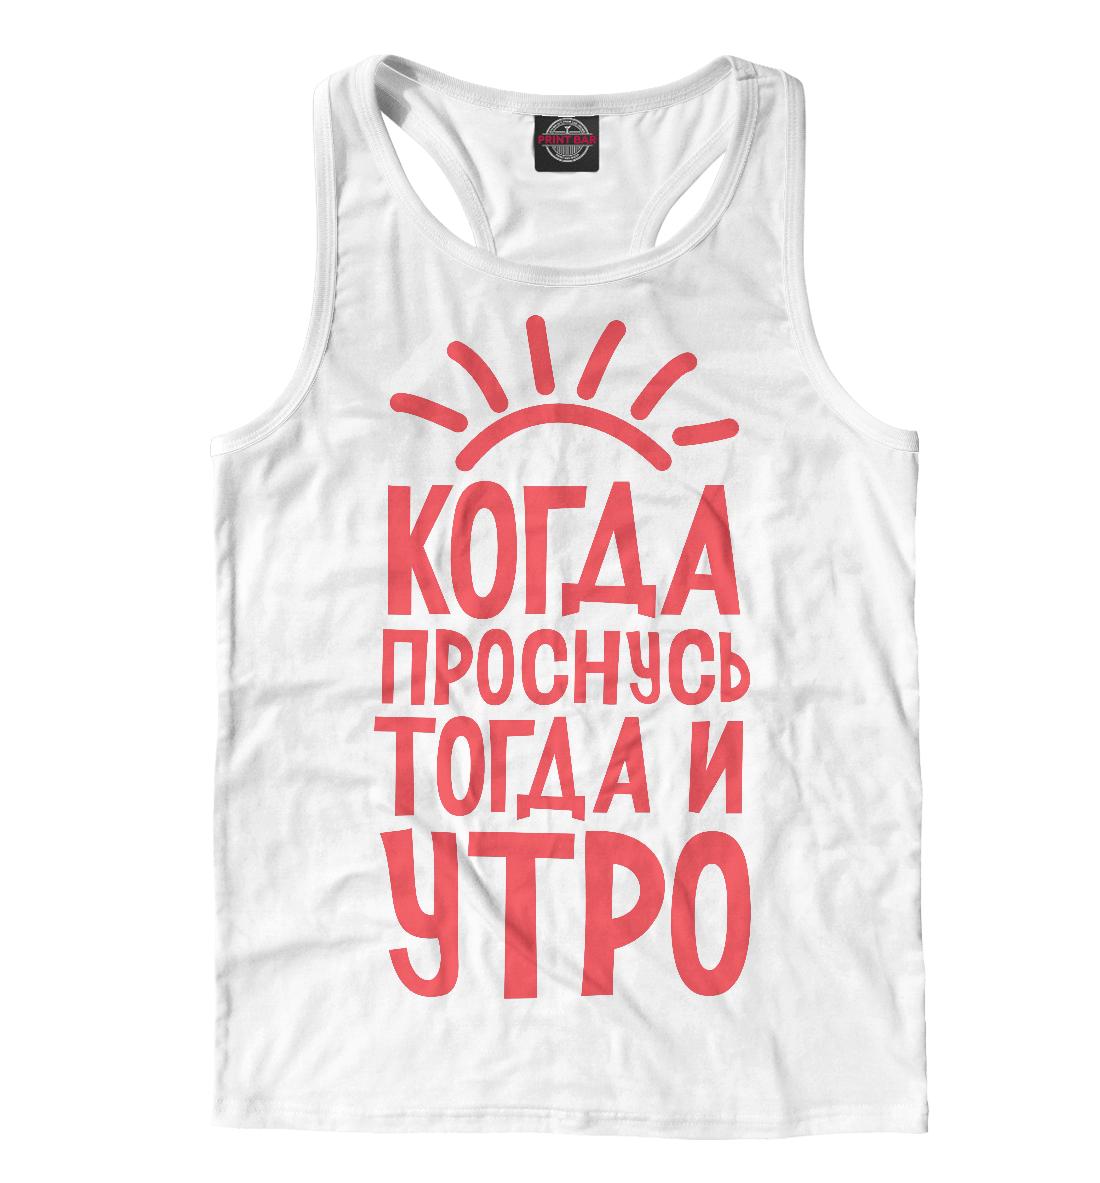 Купить Когда проснусь, тогда и утро, Printbar, Майки борцовки, NDP-118616-mayb-2